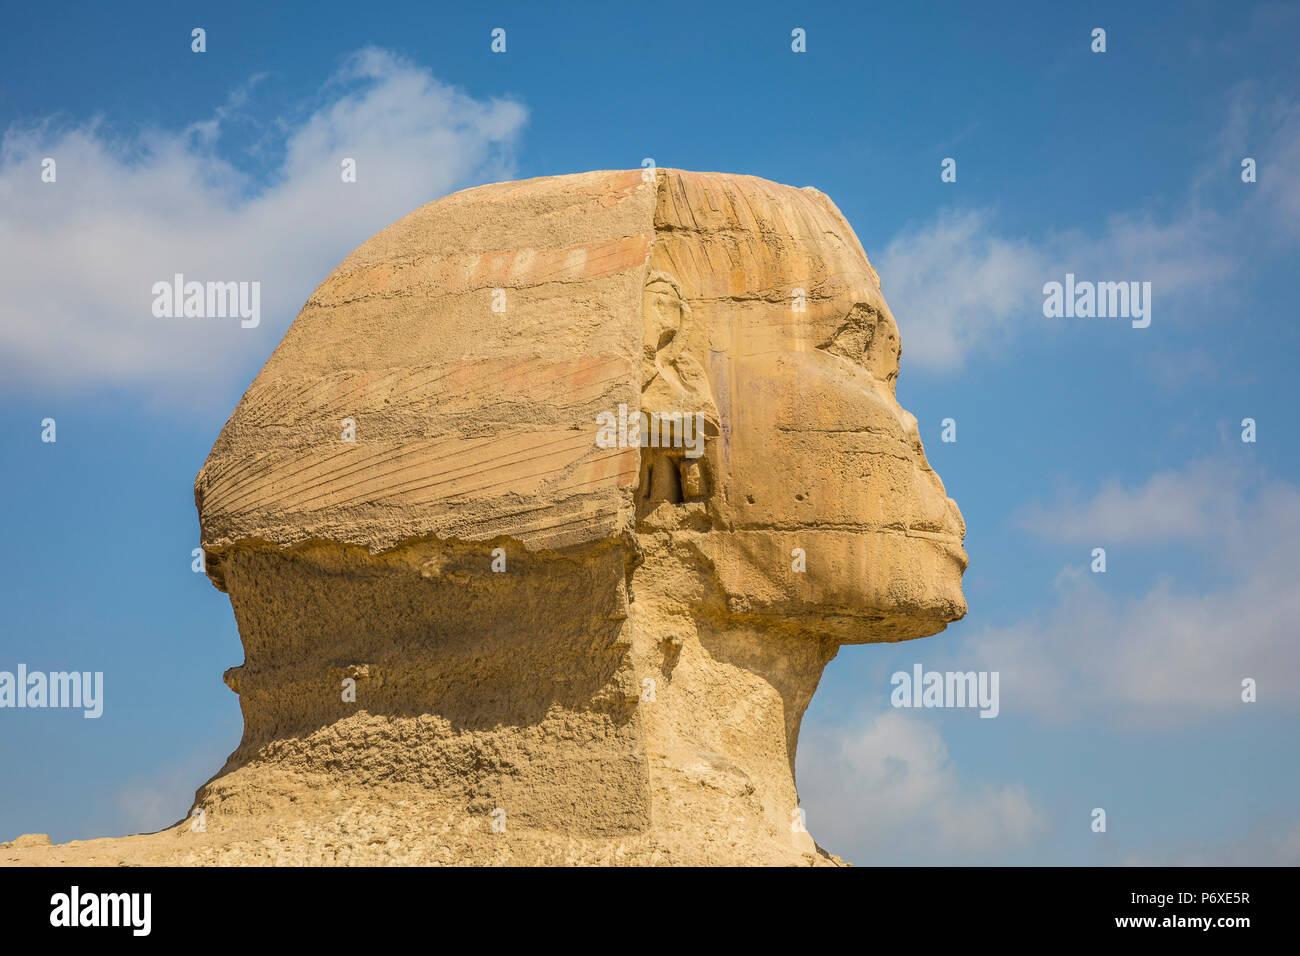 La Sfinge, le Piramidi di Giza, Giza, il Cairo, Egitto Immagini Stock